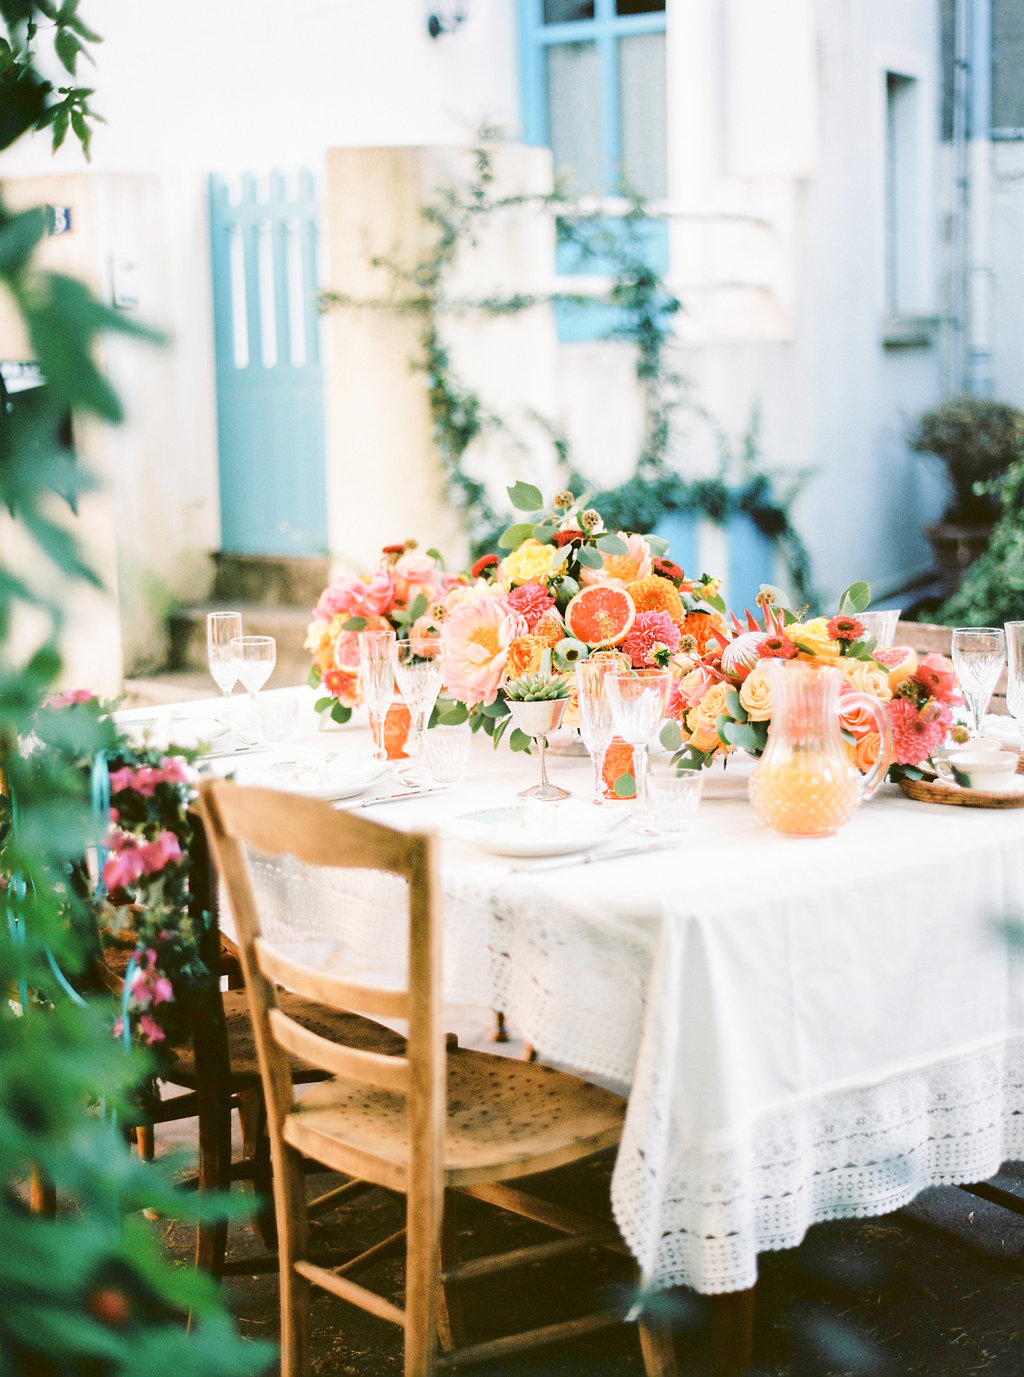 decoration florale tables des invites mariage boheme inspiration latine